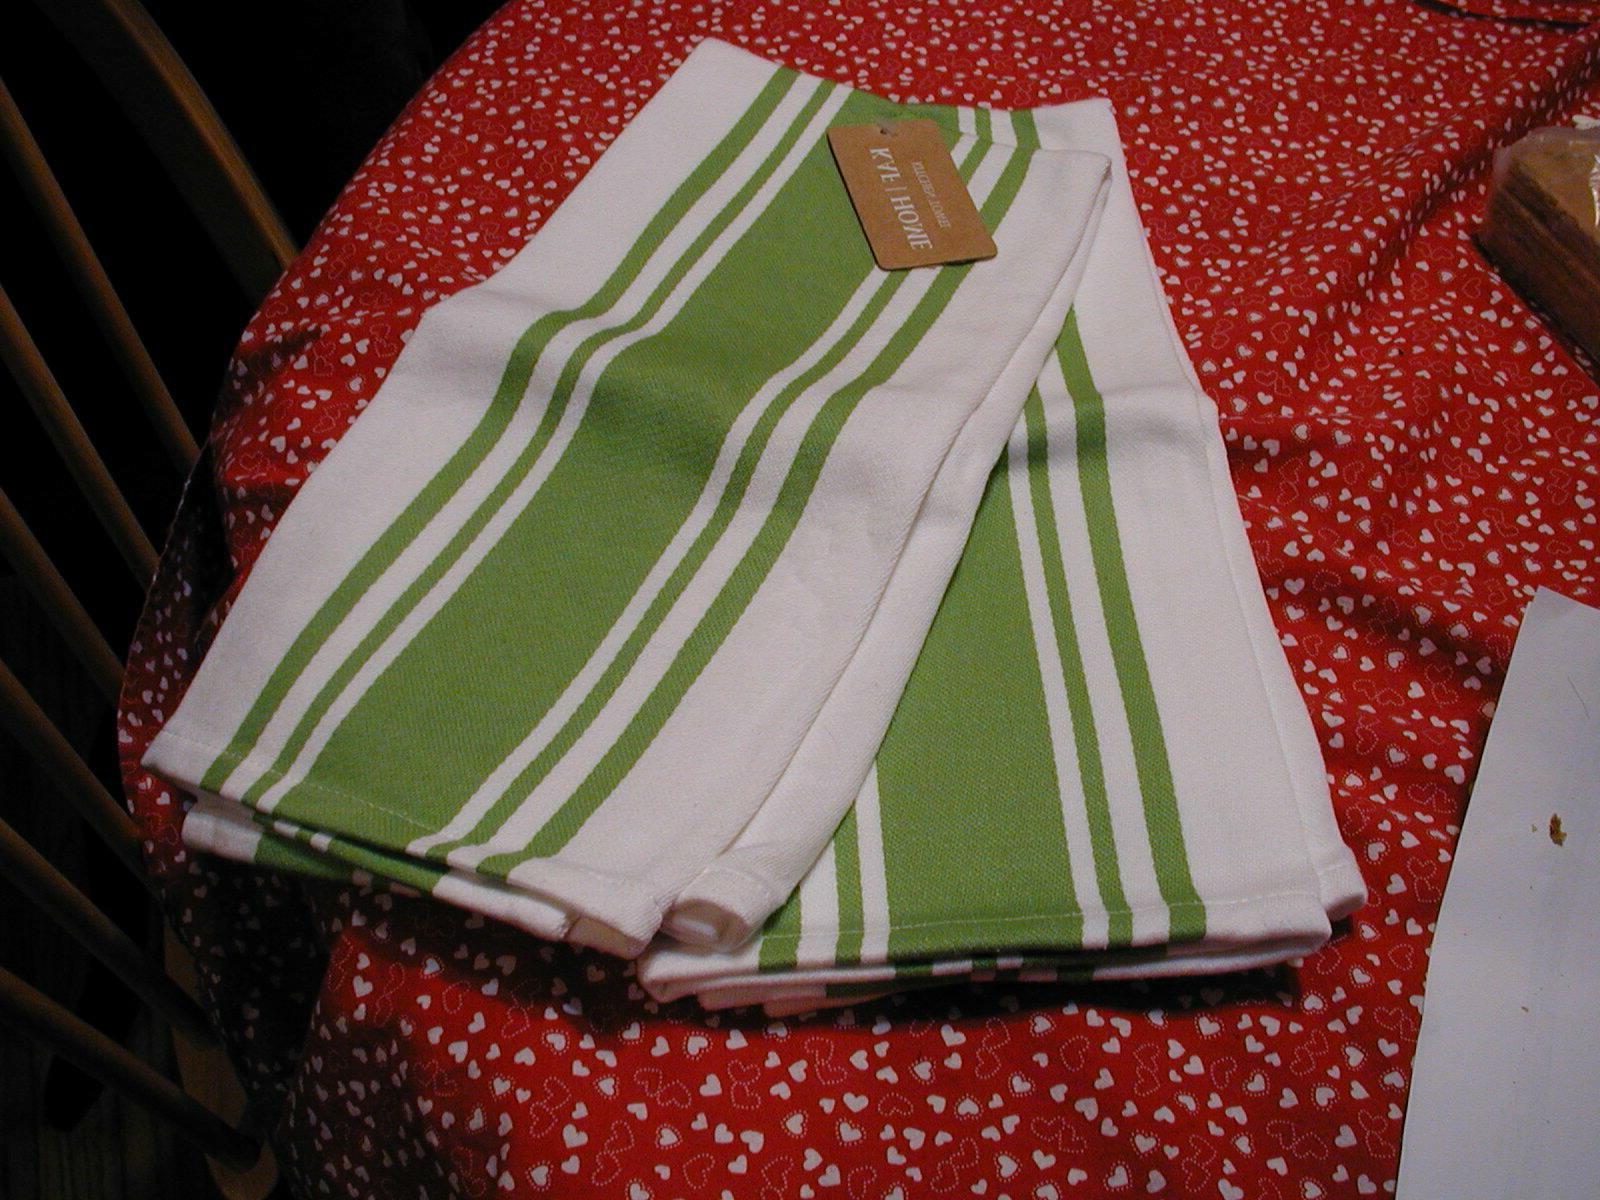 NWT KAF HOME KITCHEN TOWEL SET BASKET GREEN